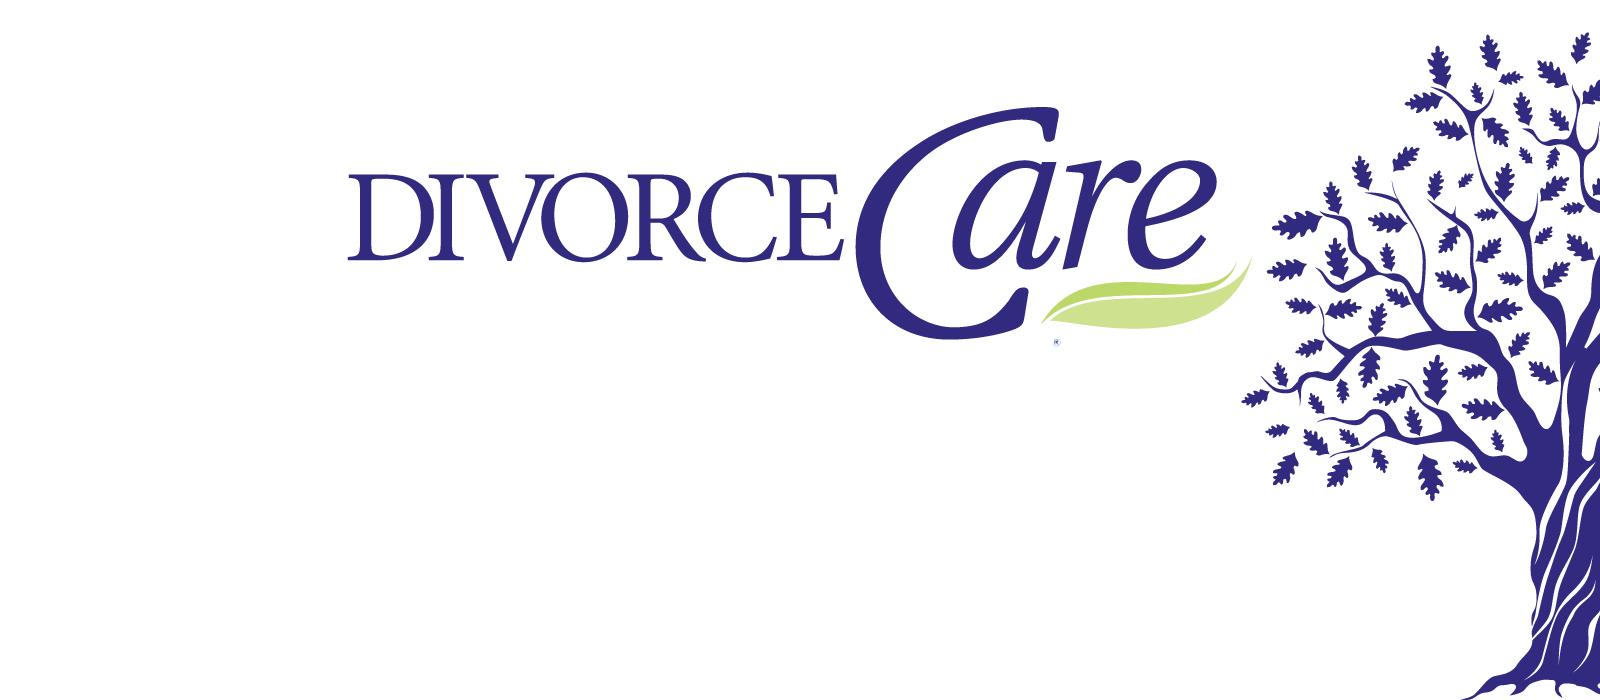 DivorceCare-Web-Background-Imagev2[1].png